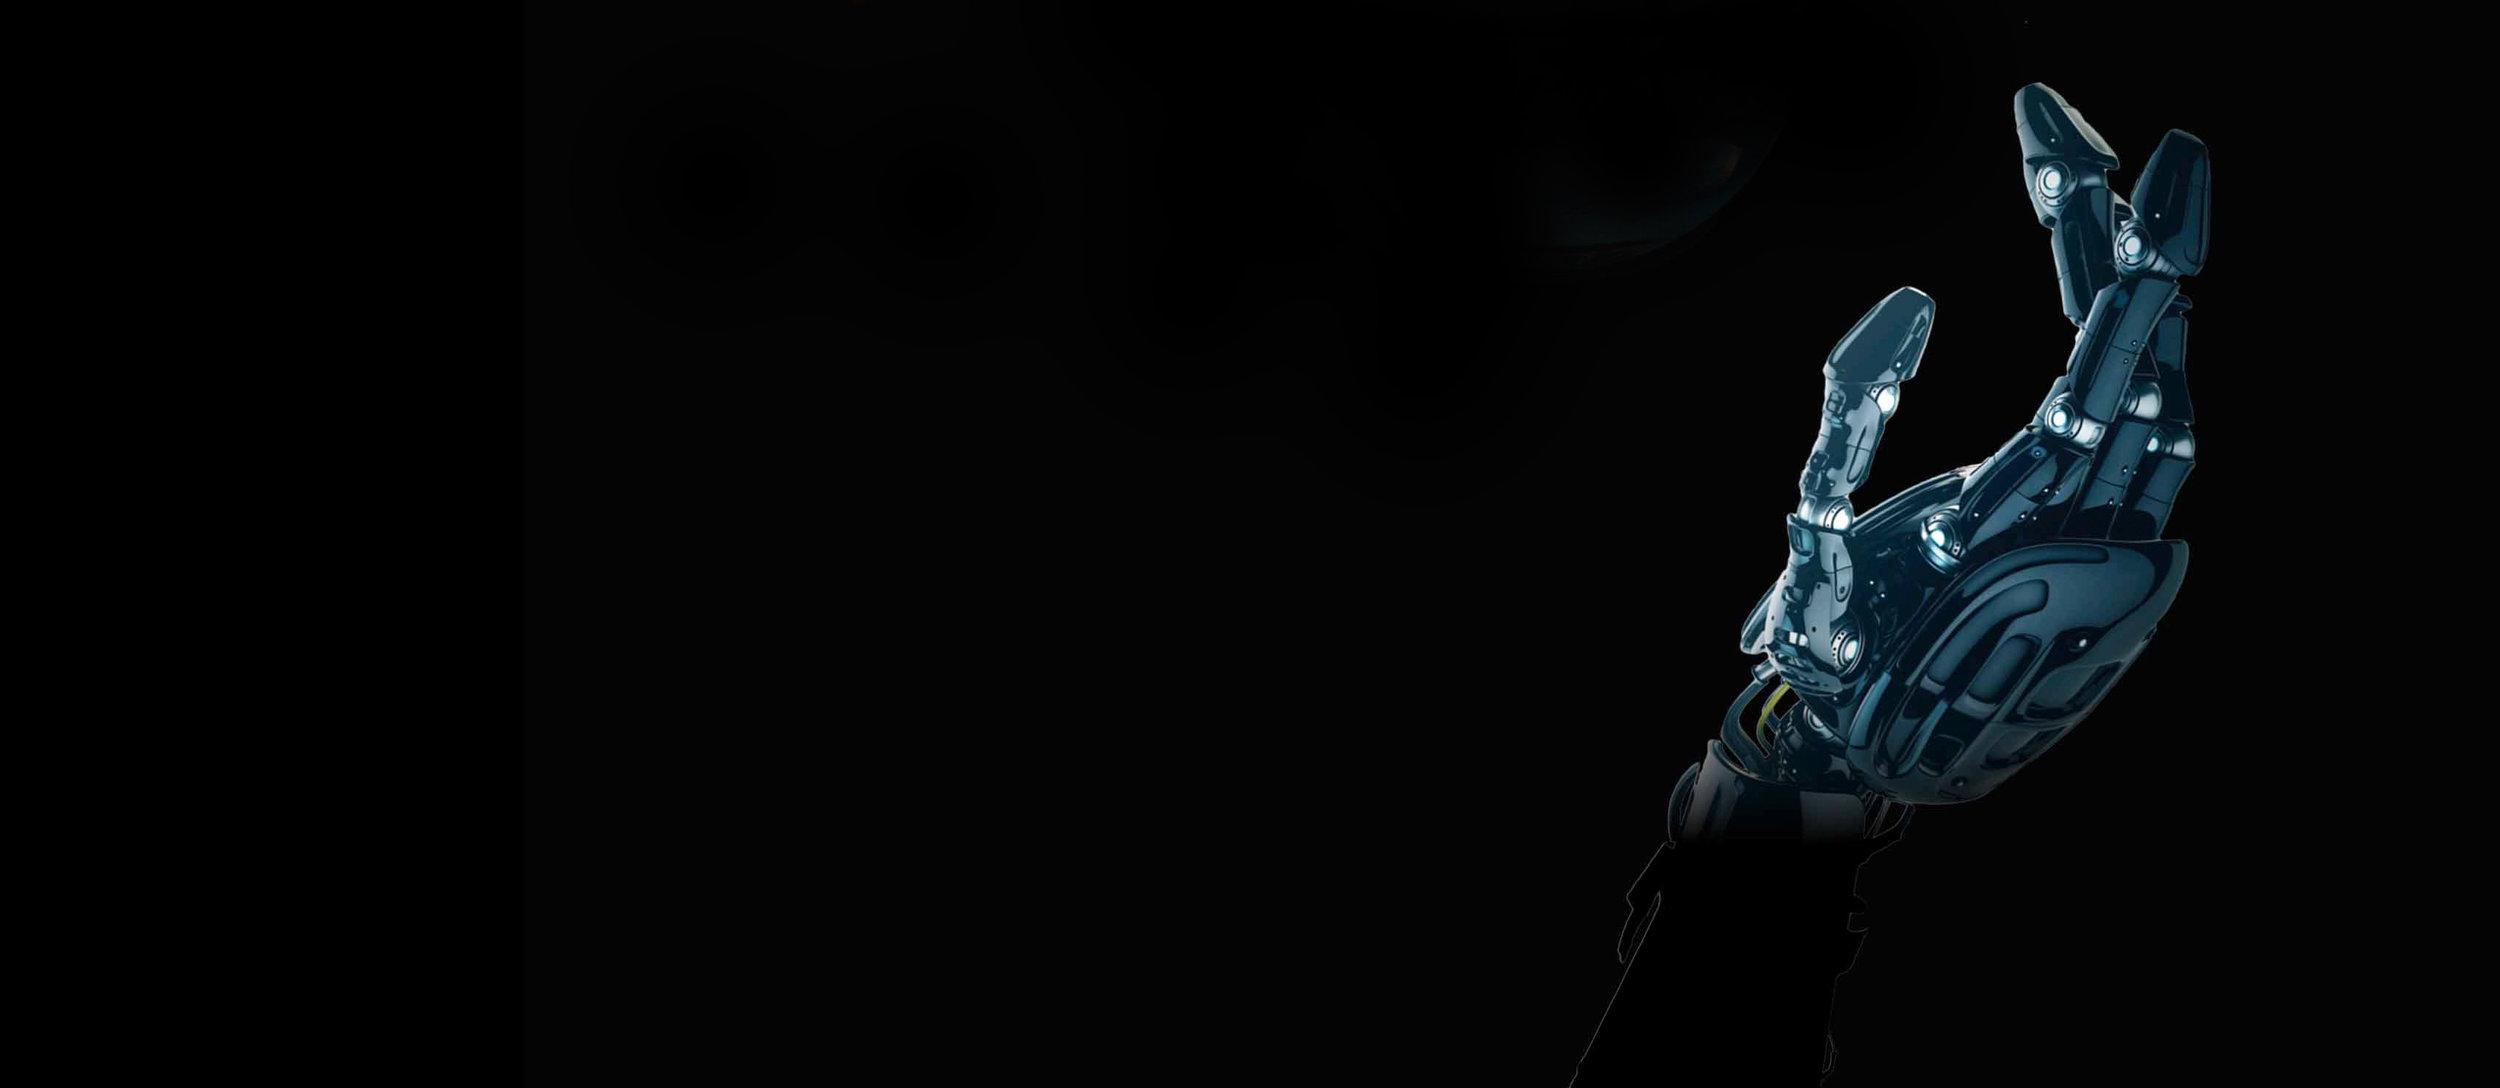 - COORDINATORI PROGETTOCOORDINATORSAlfonso Belfiore, Giovanni PucciarmatiPROGETTO E DIREZIONE ARTISTICAPROJECT AND ARTISTIC DIRECTORProf. Alfonso BelfioreDIREZIONE TECNICATECHNICAL DIRECTORProf. Roberto Neri